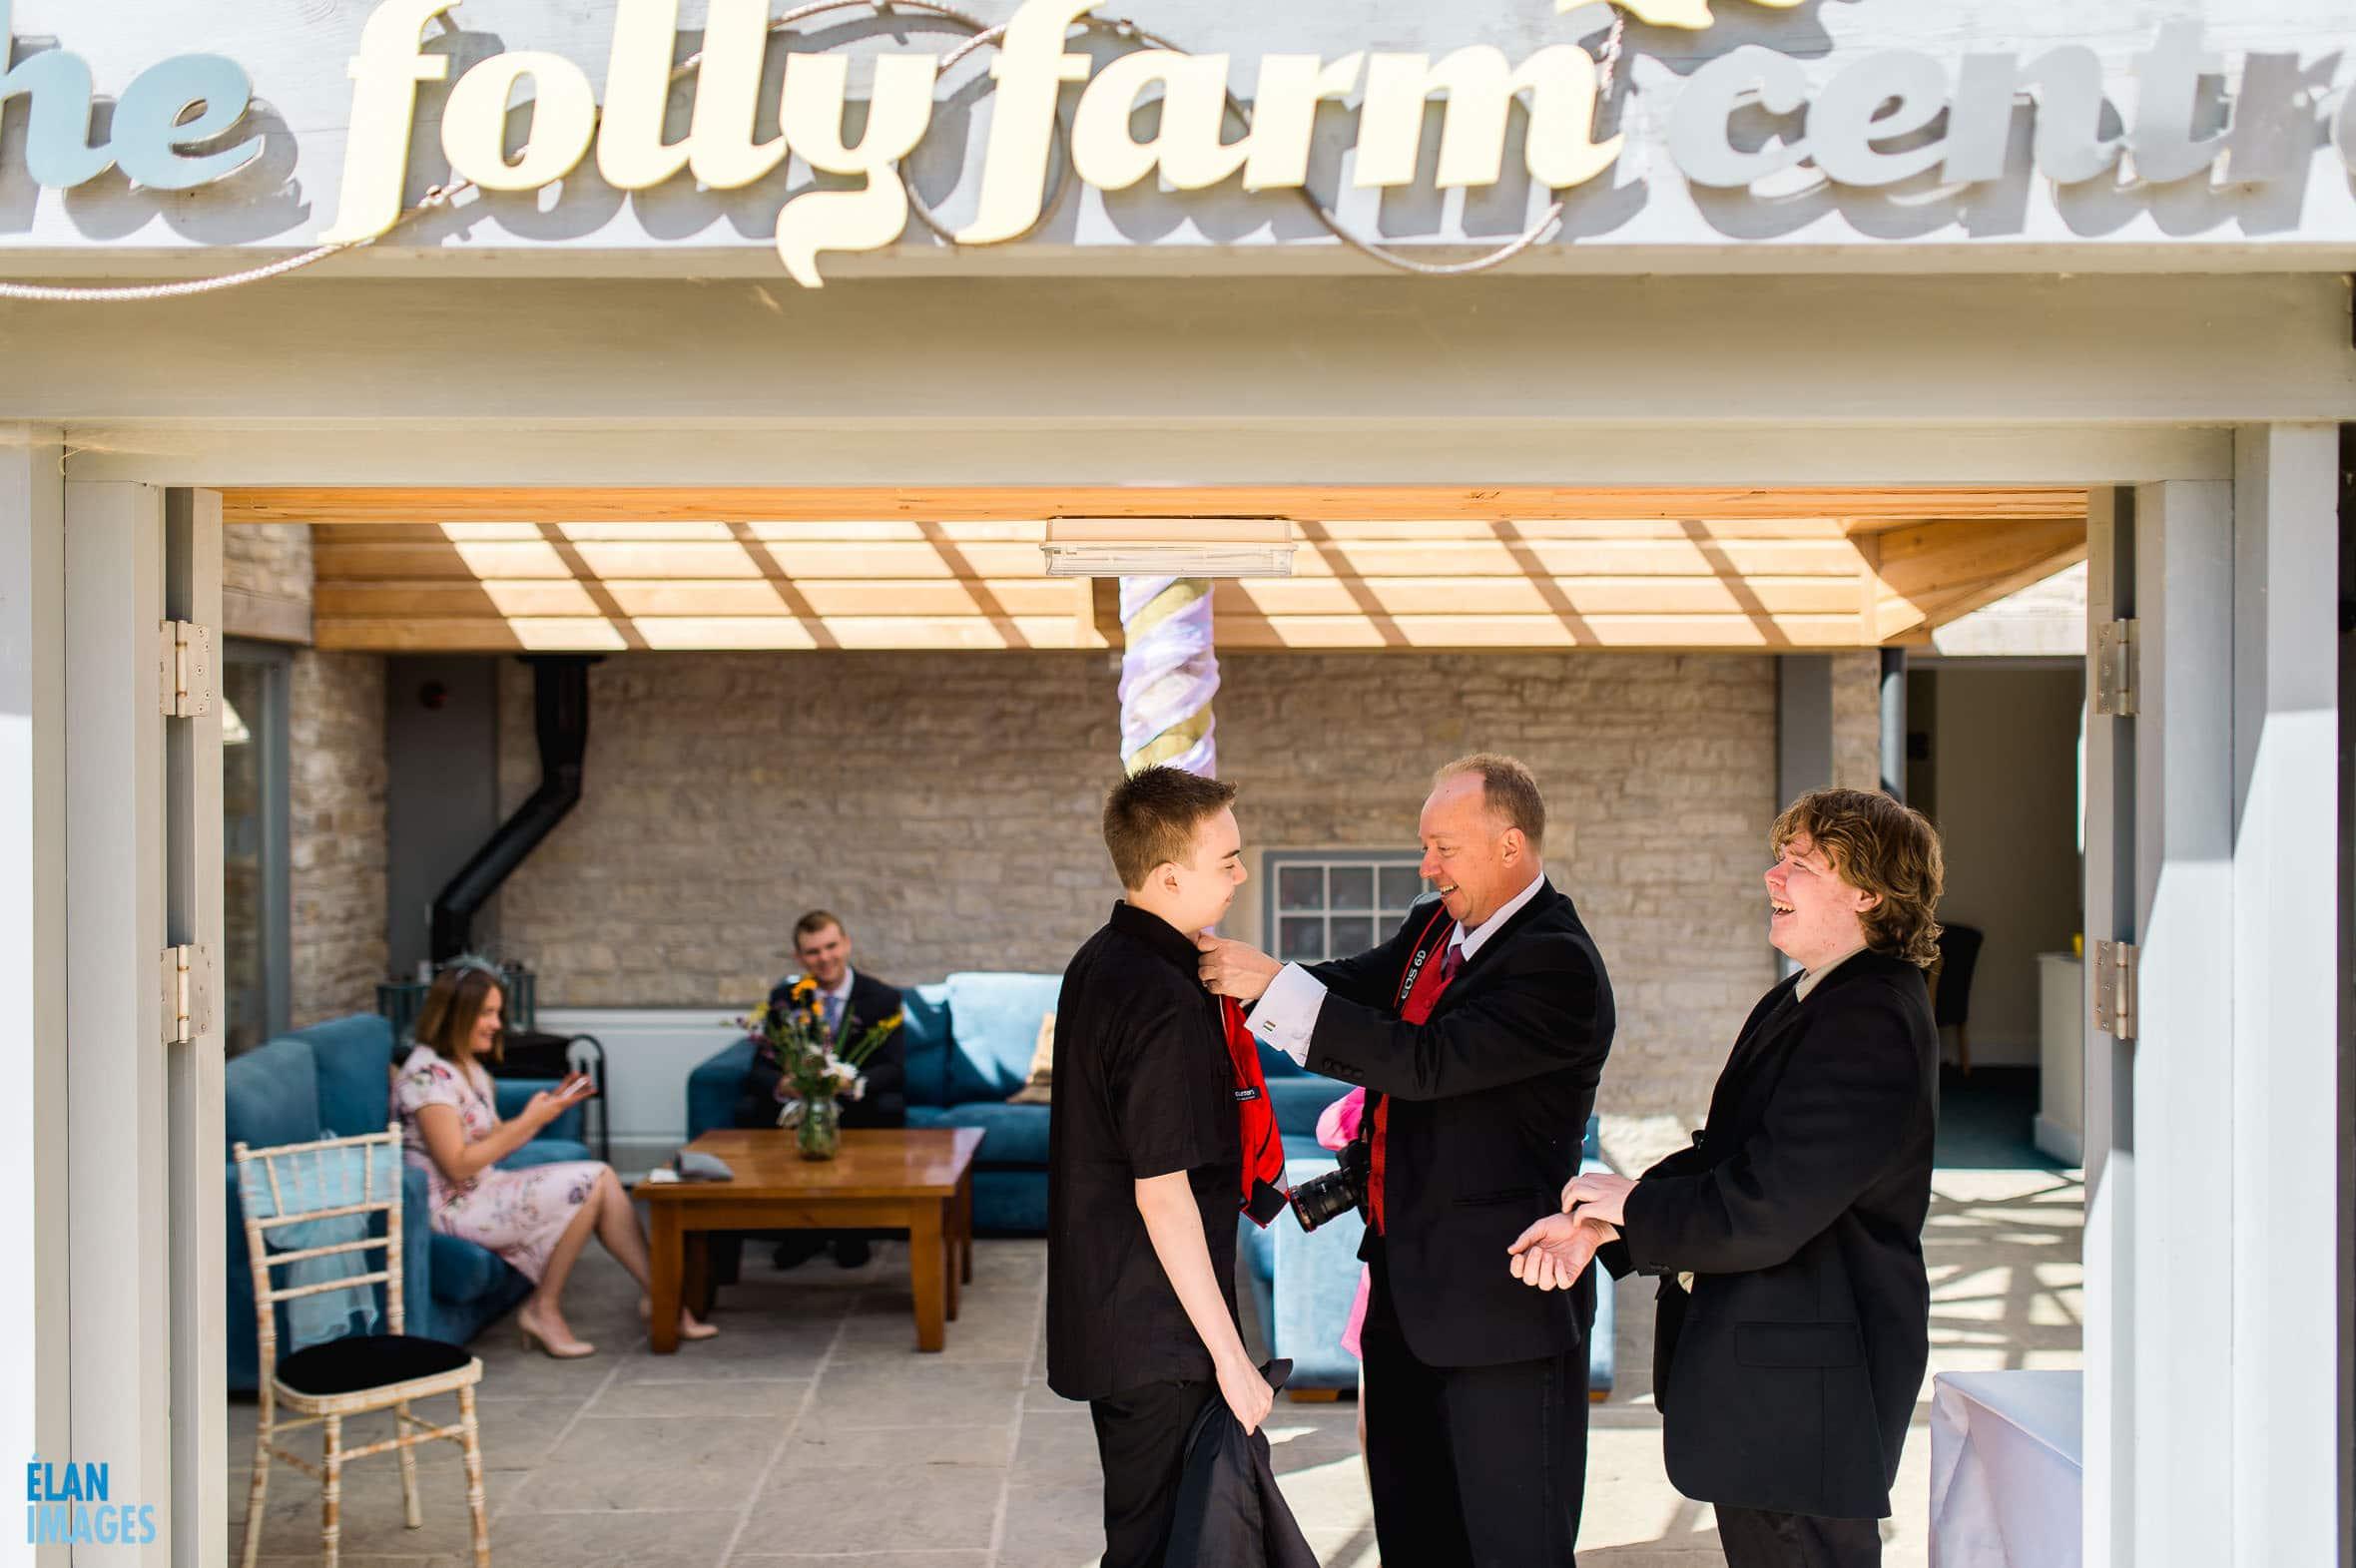 Summer Wedding at the Folly Farm Centre, Pensford 13